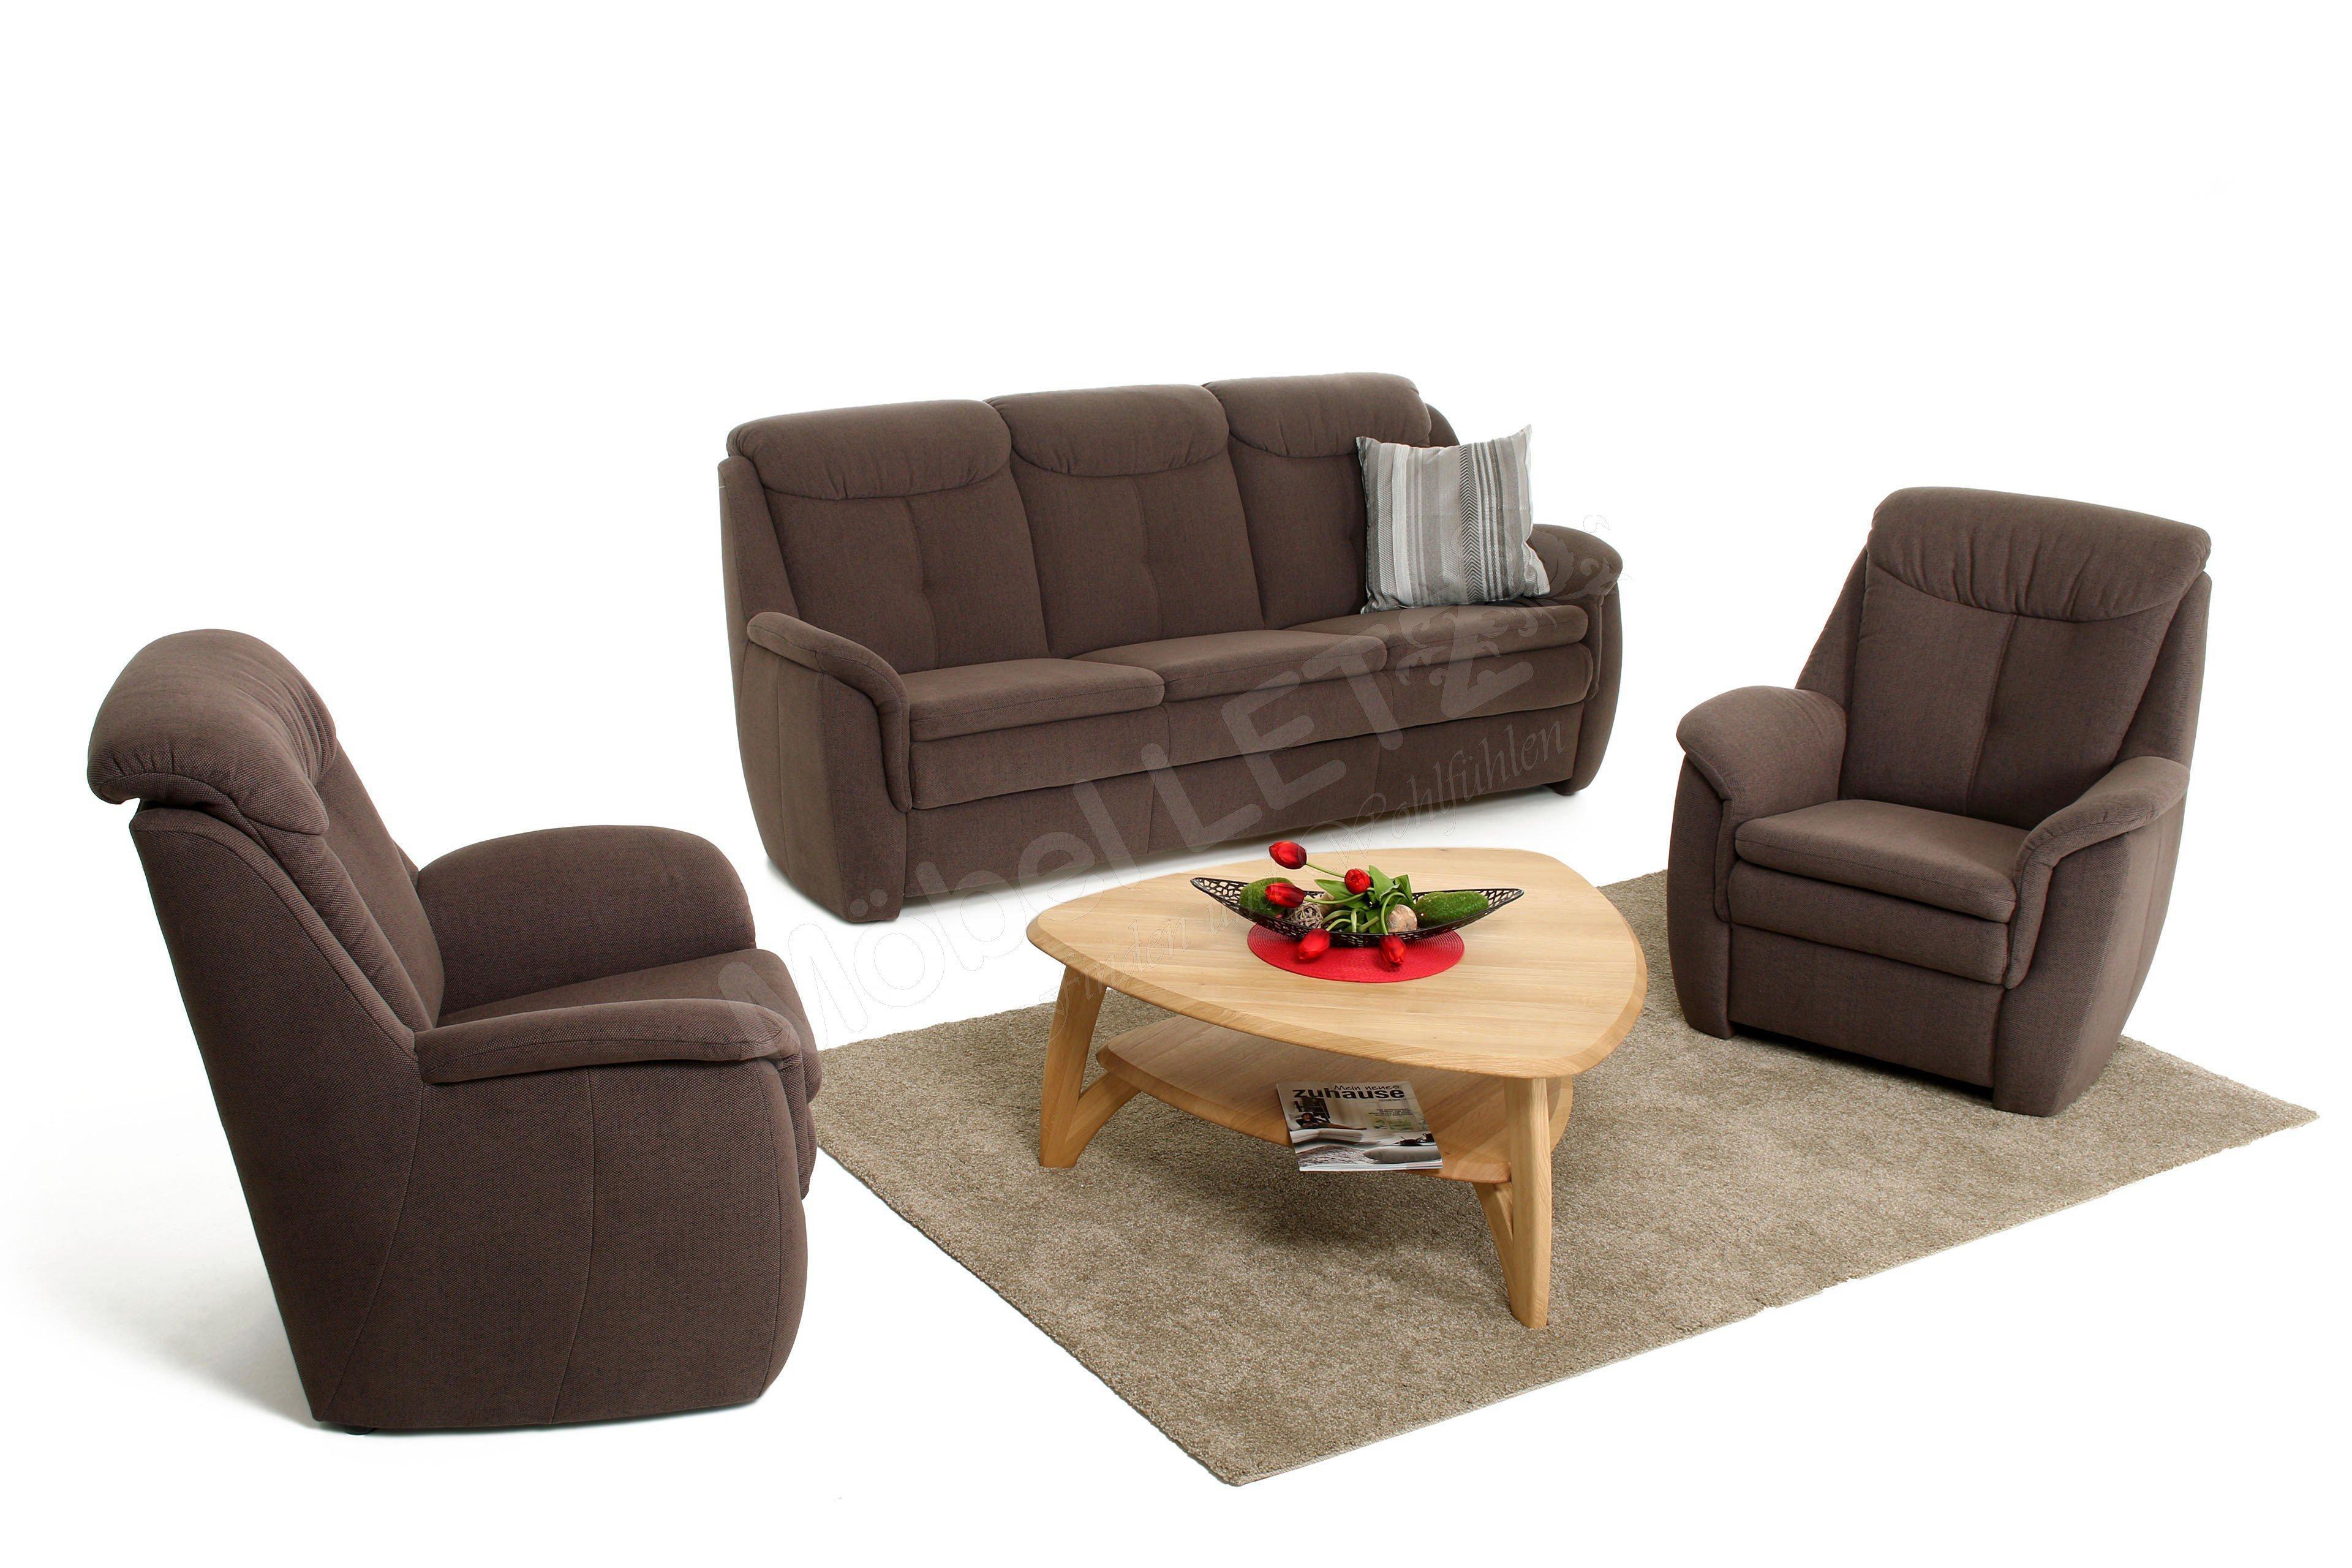 ungew hnlich fleckenschutz f r polsterm bel fotos die. Black Bedroom Furniture Sets. Home Design Ideas